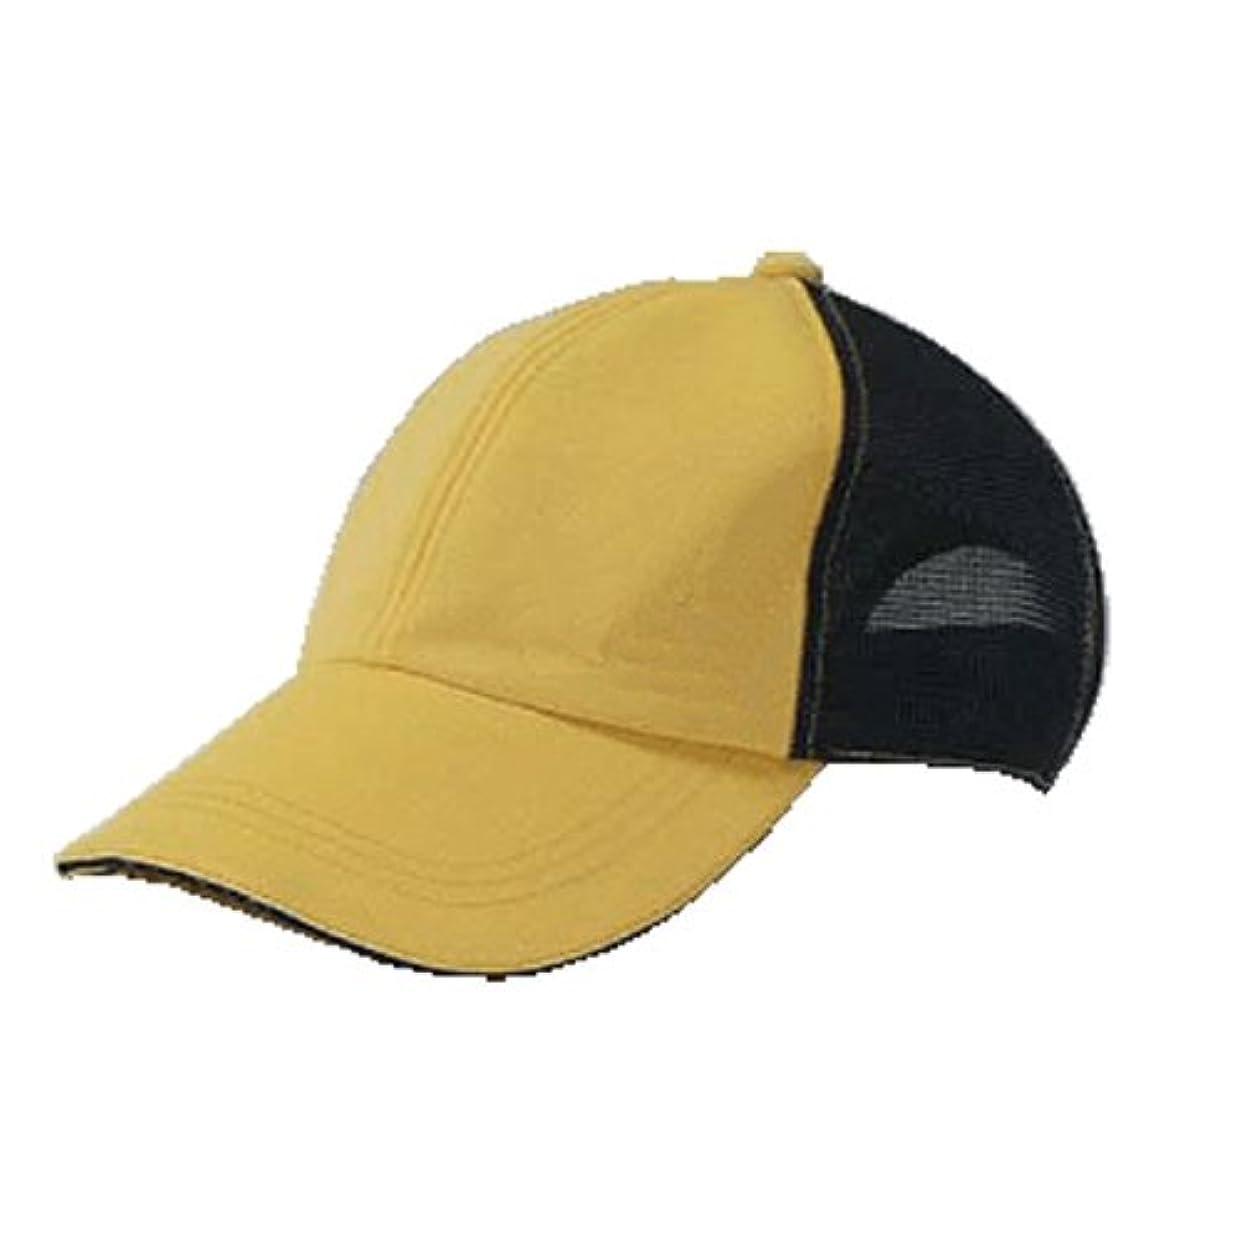 借りるガウンクラシカルLEDライト付き帽子 TERUBO メッシュタイプ 黄/黒